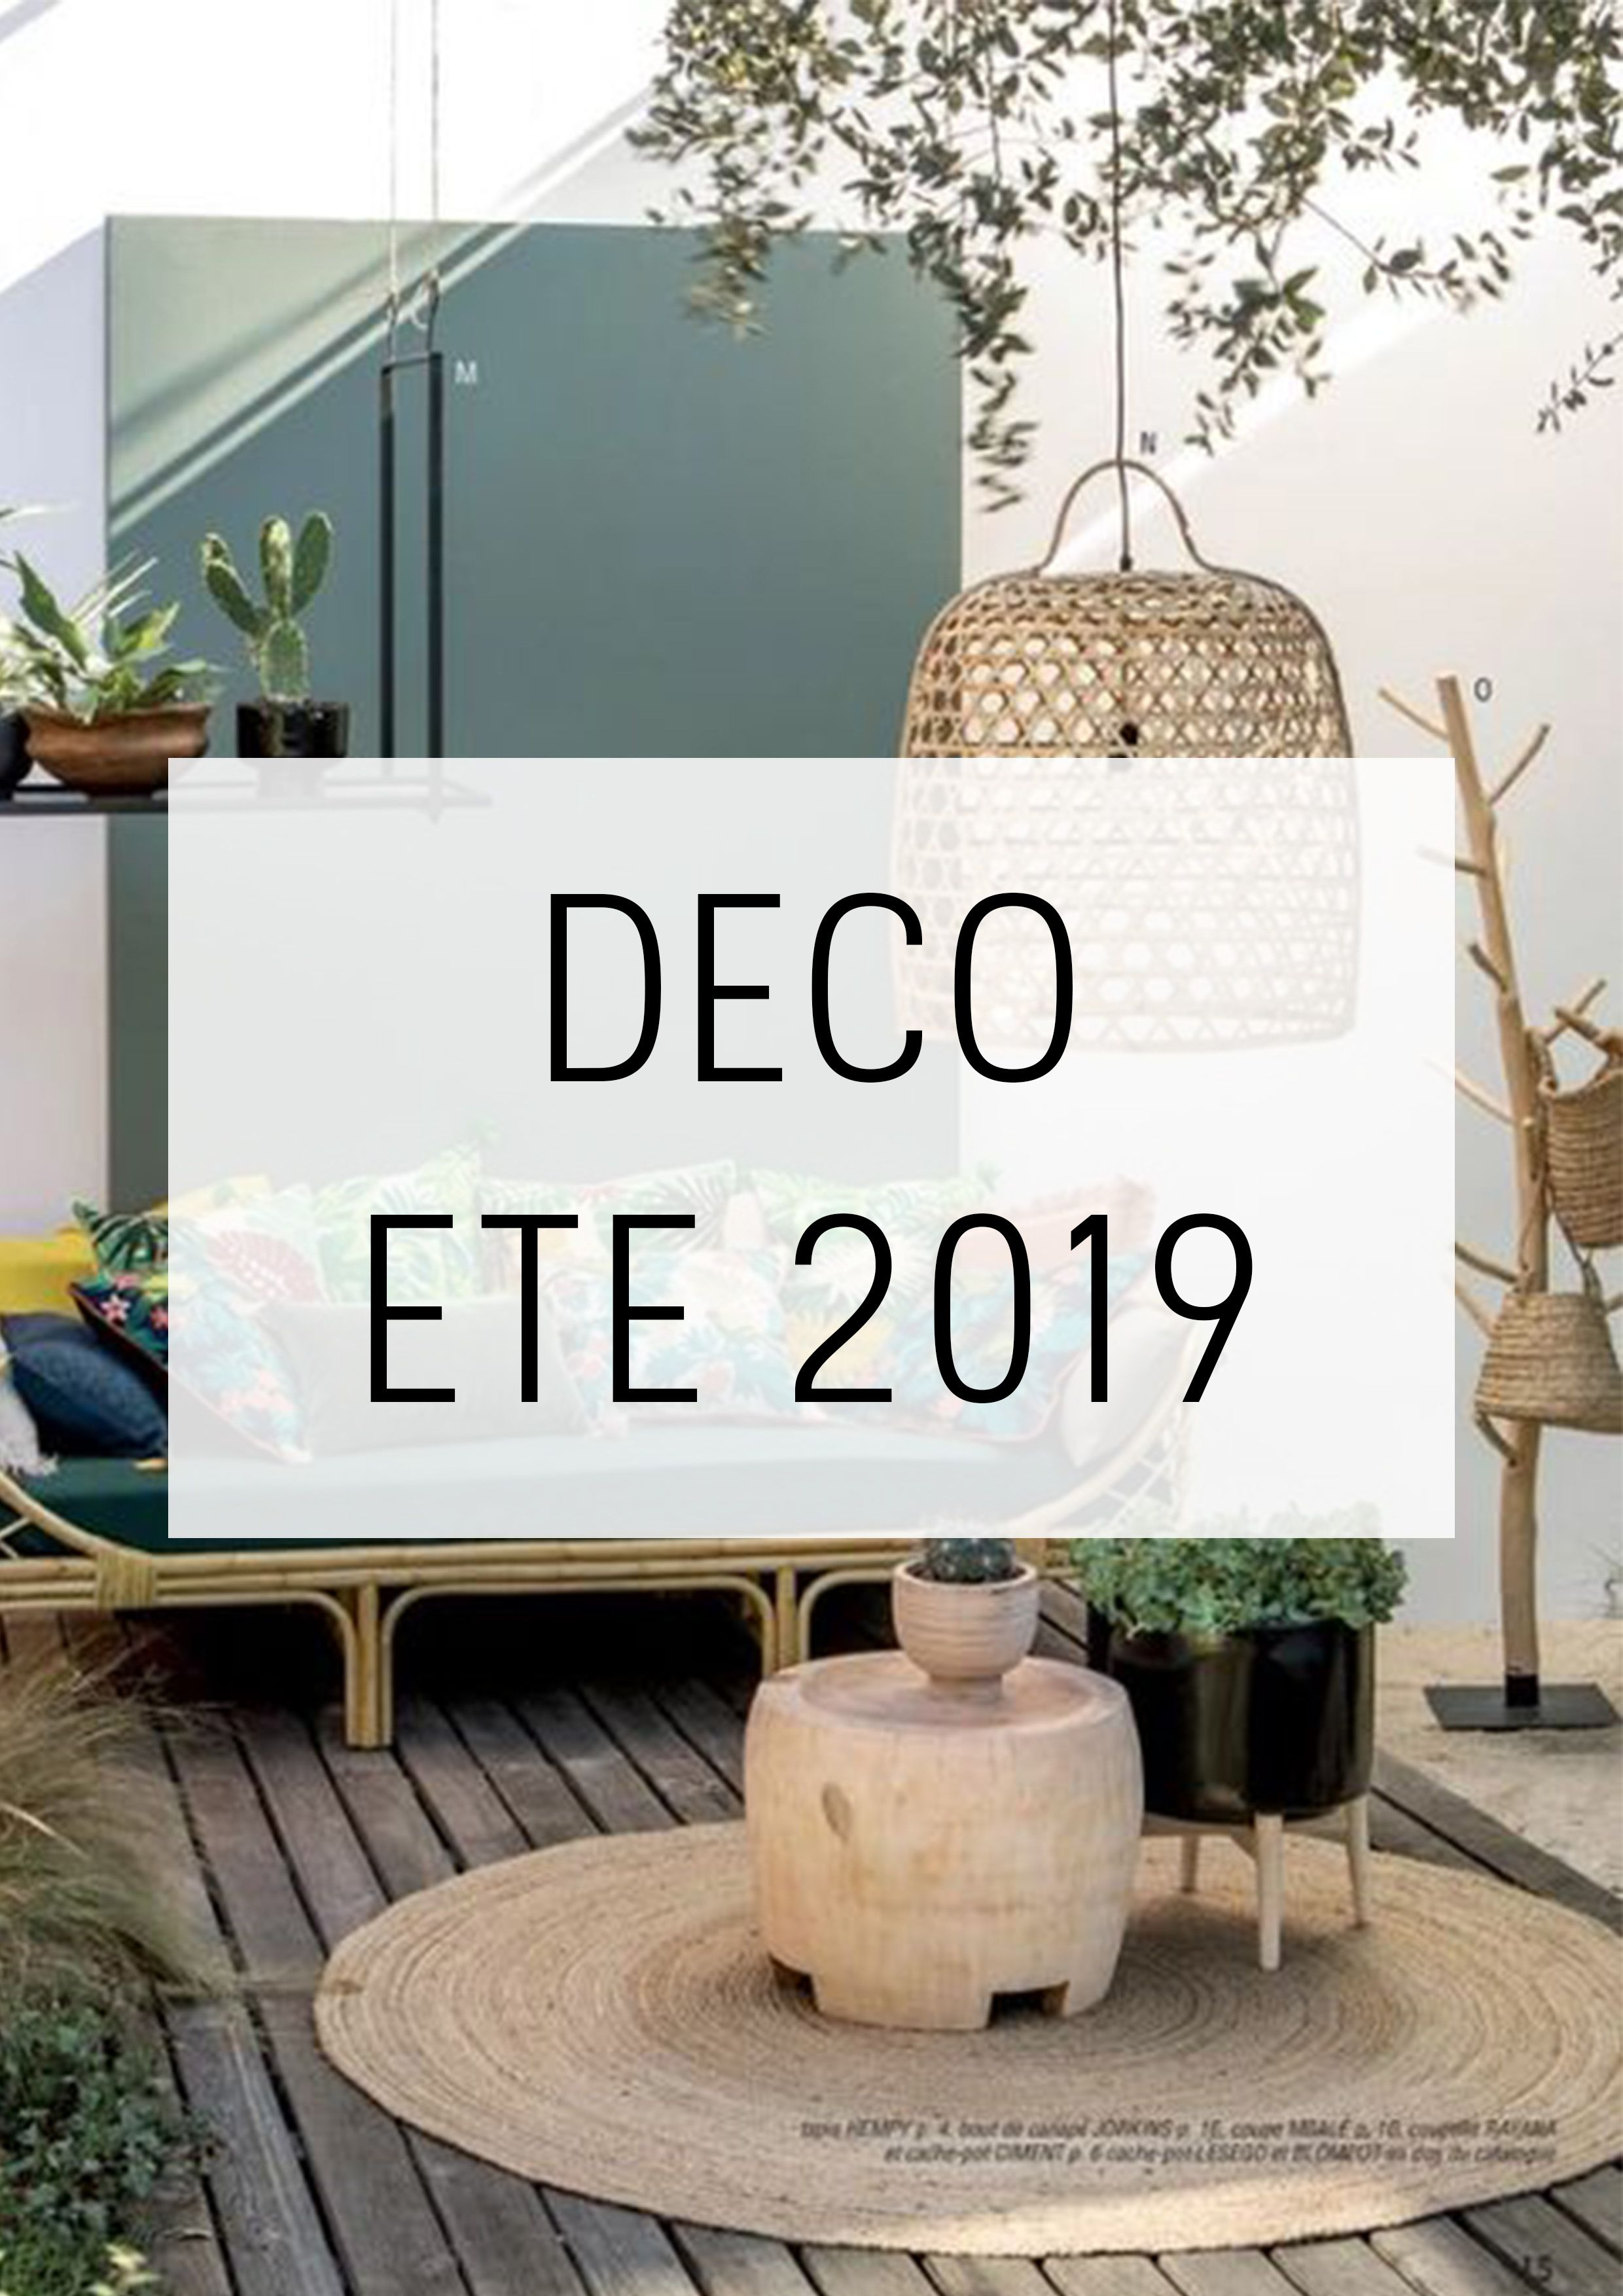 DÉCO ÉTÉ 2019 : DIY & Sélection shopping